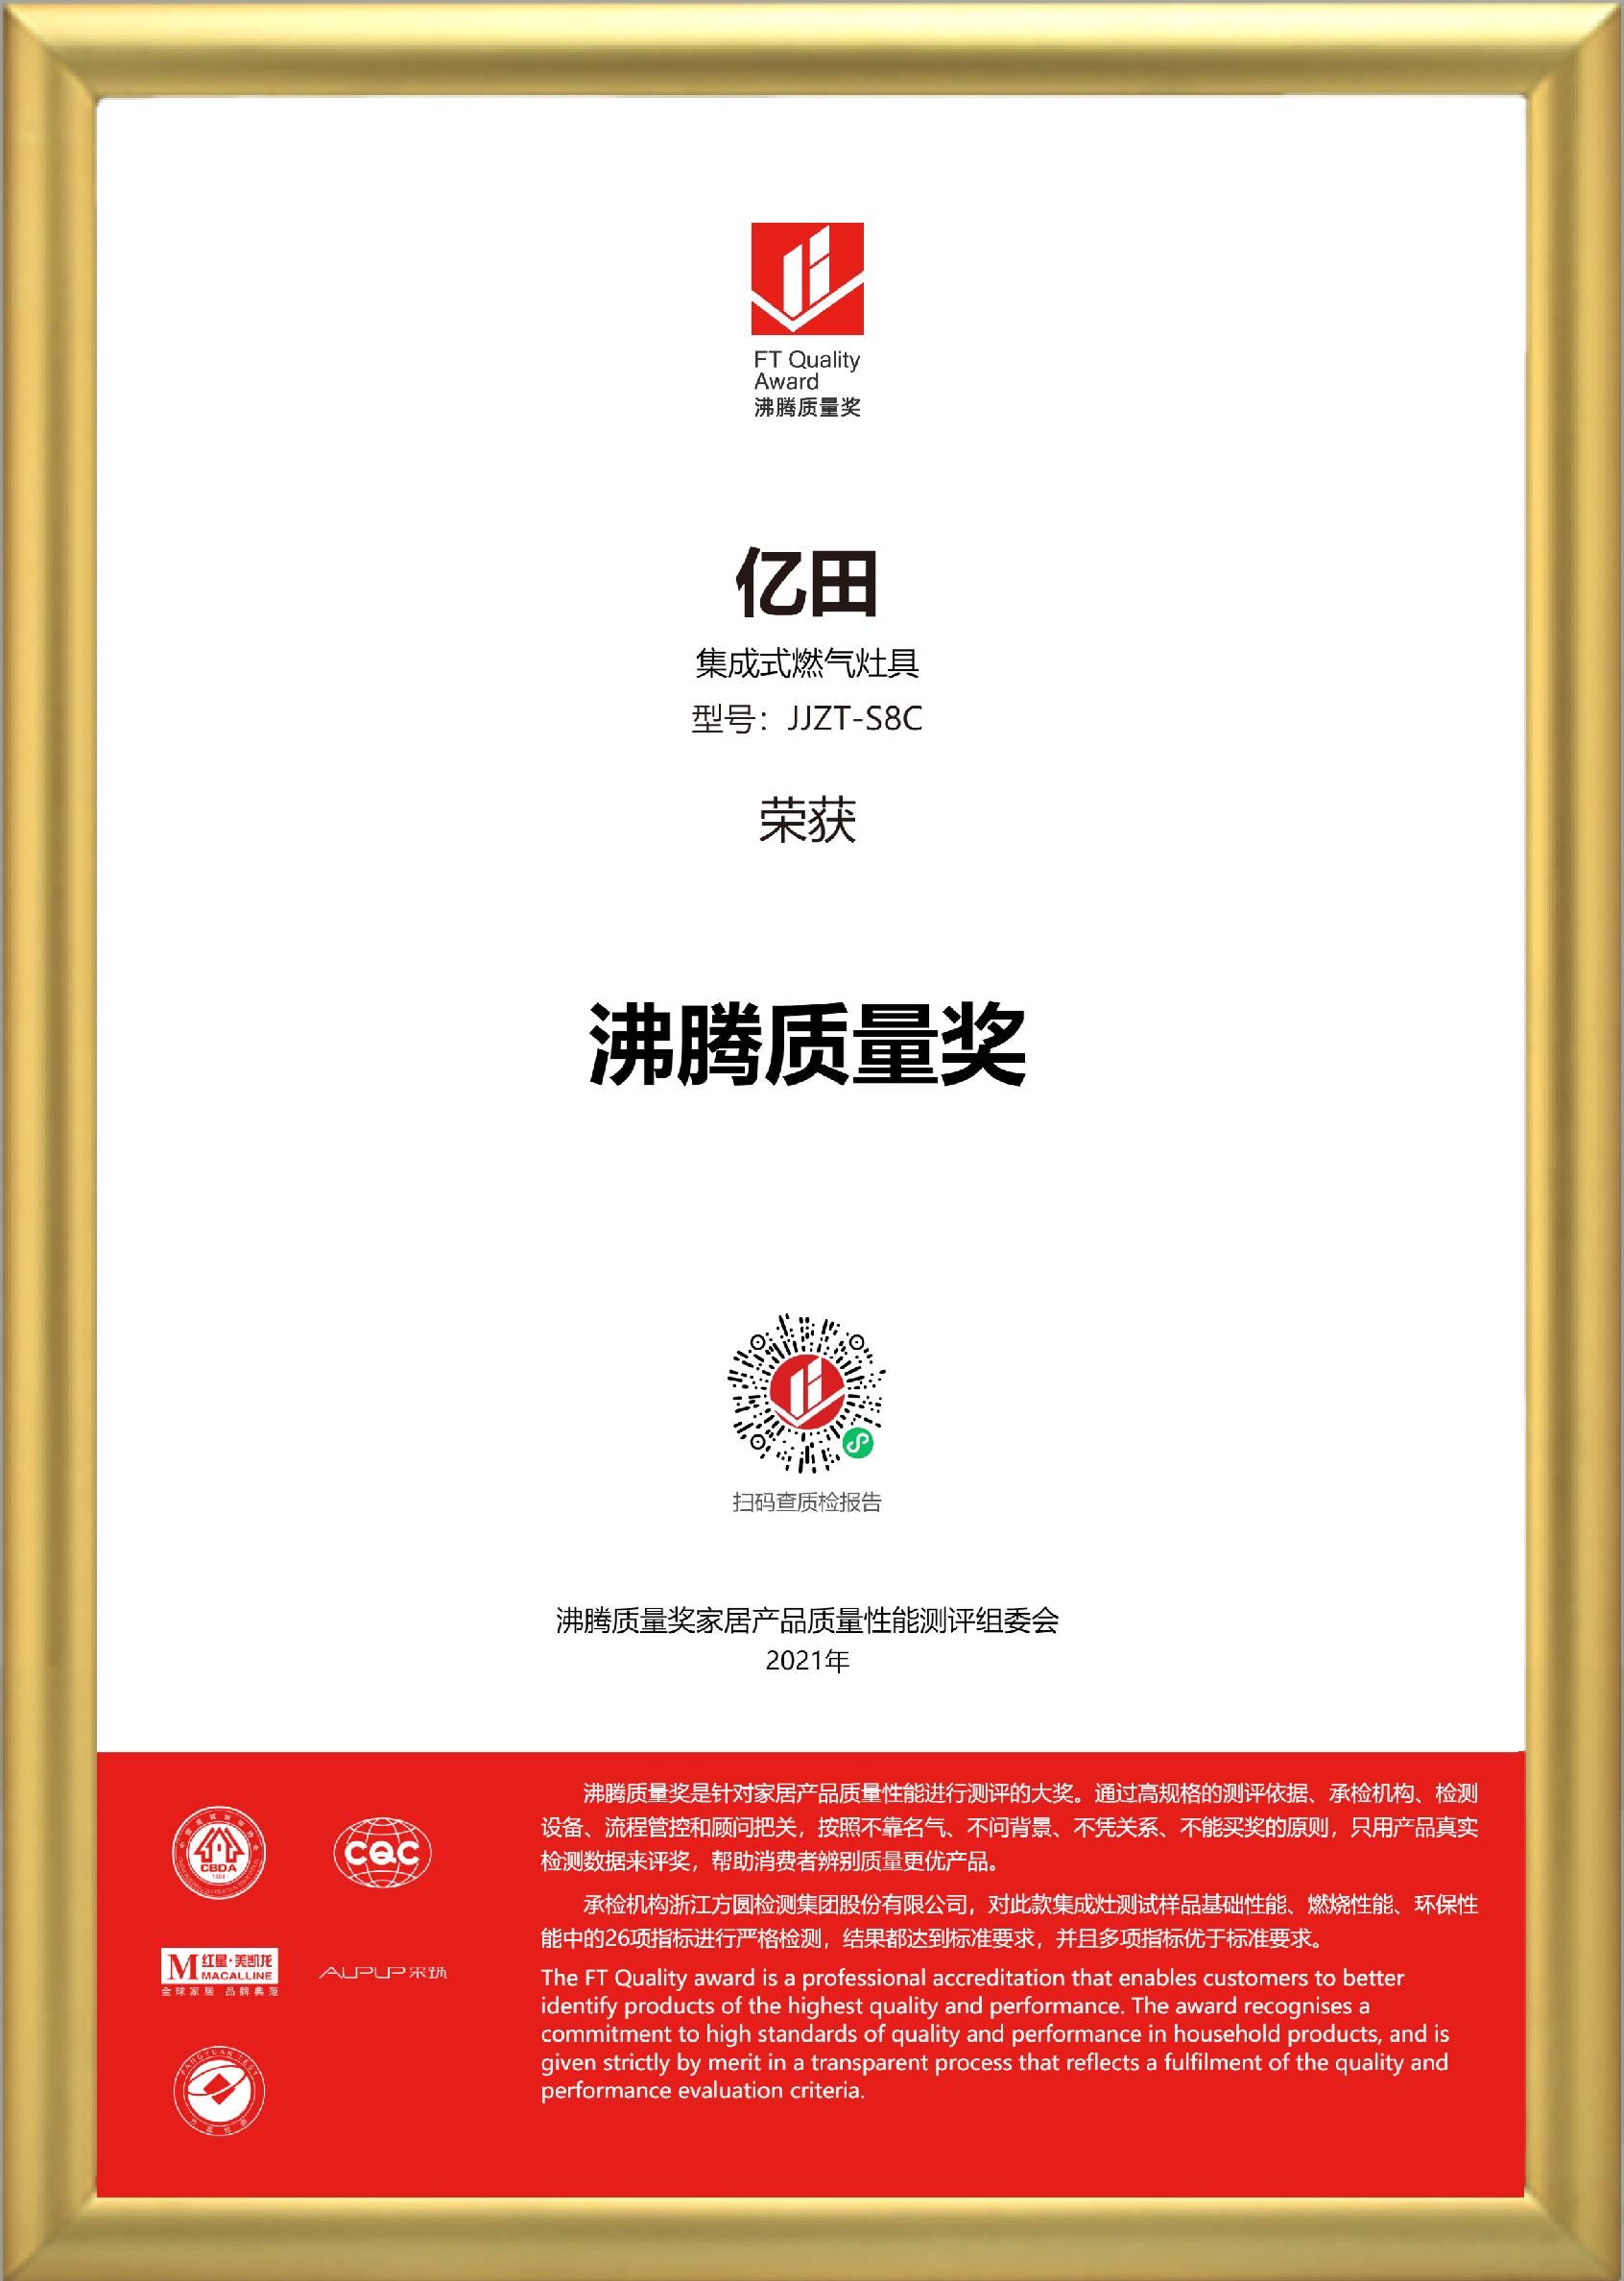 金框加持-获奖证书-亿田-集成灶-JJZT-S8C.png